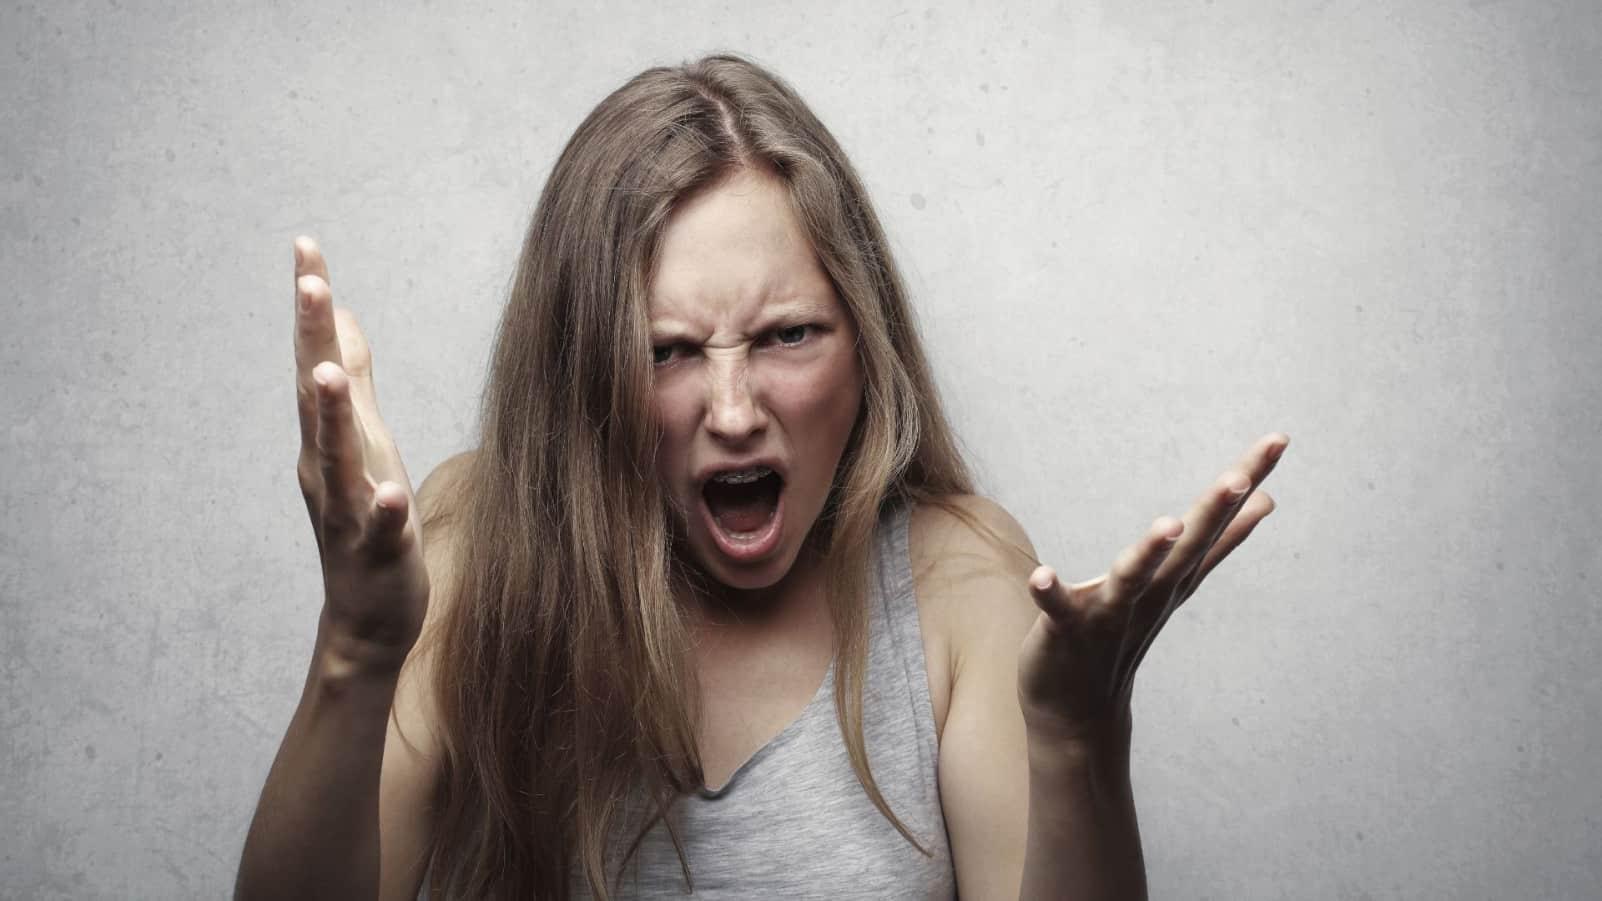 Почему свободные и независимые мужчины раздражают женщин